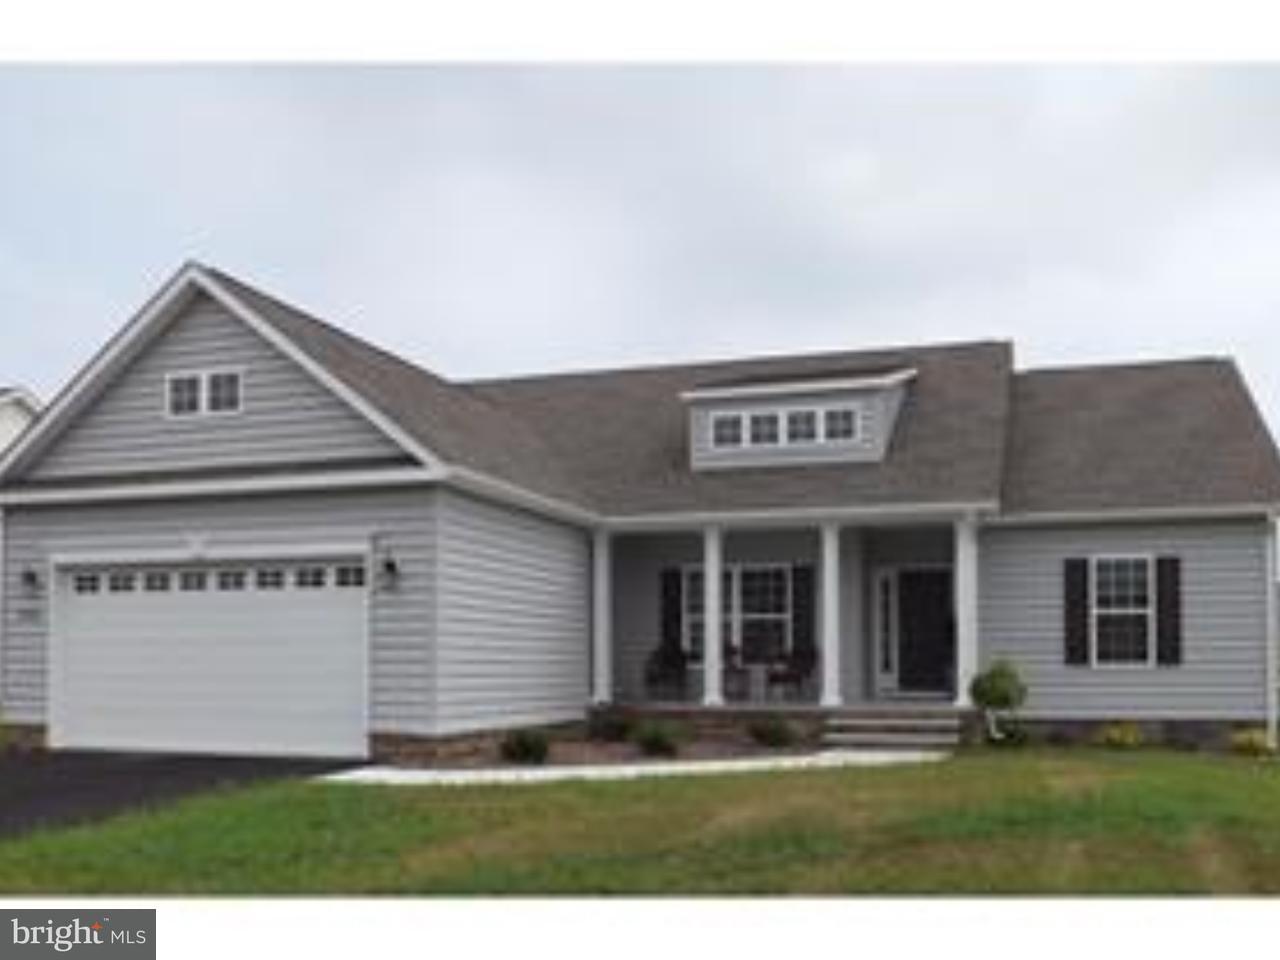 Einfamilienhaus für Verkauf beim HENDERS VALE BLVD Greenwood, Delaware 19950 Vereinigte Staaten